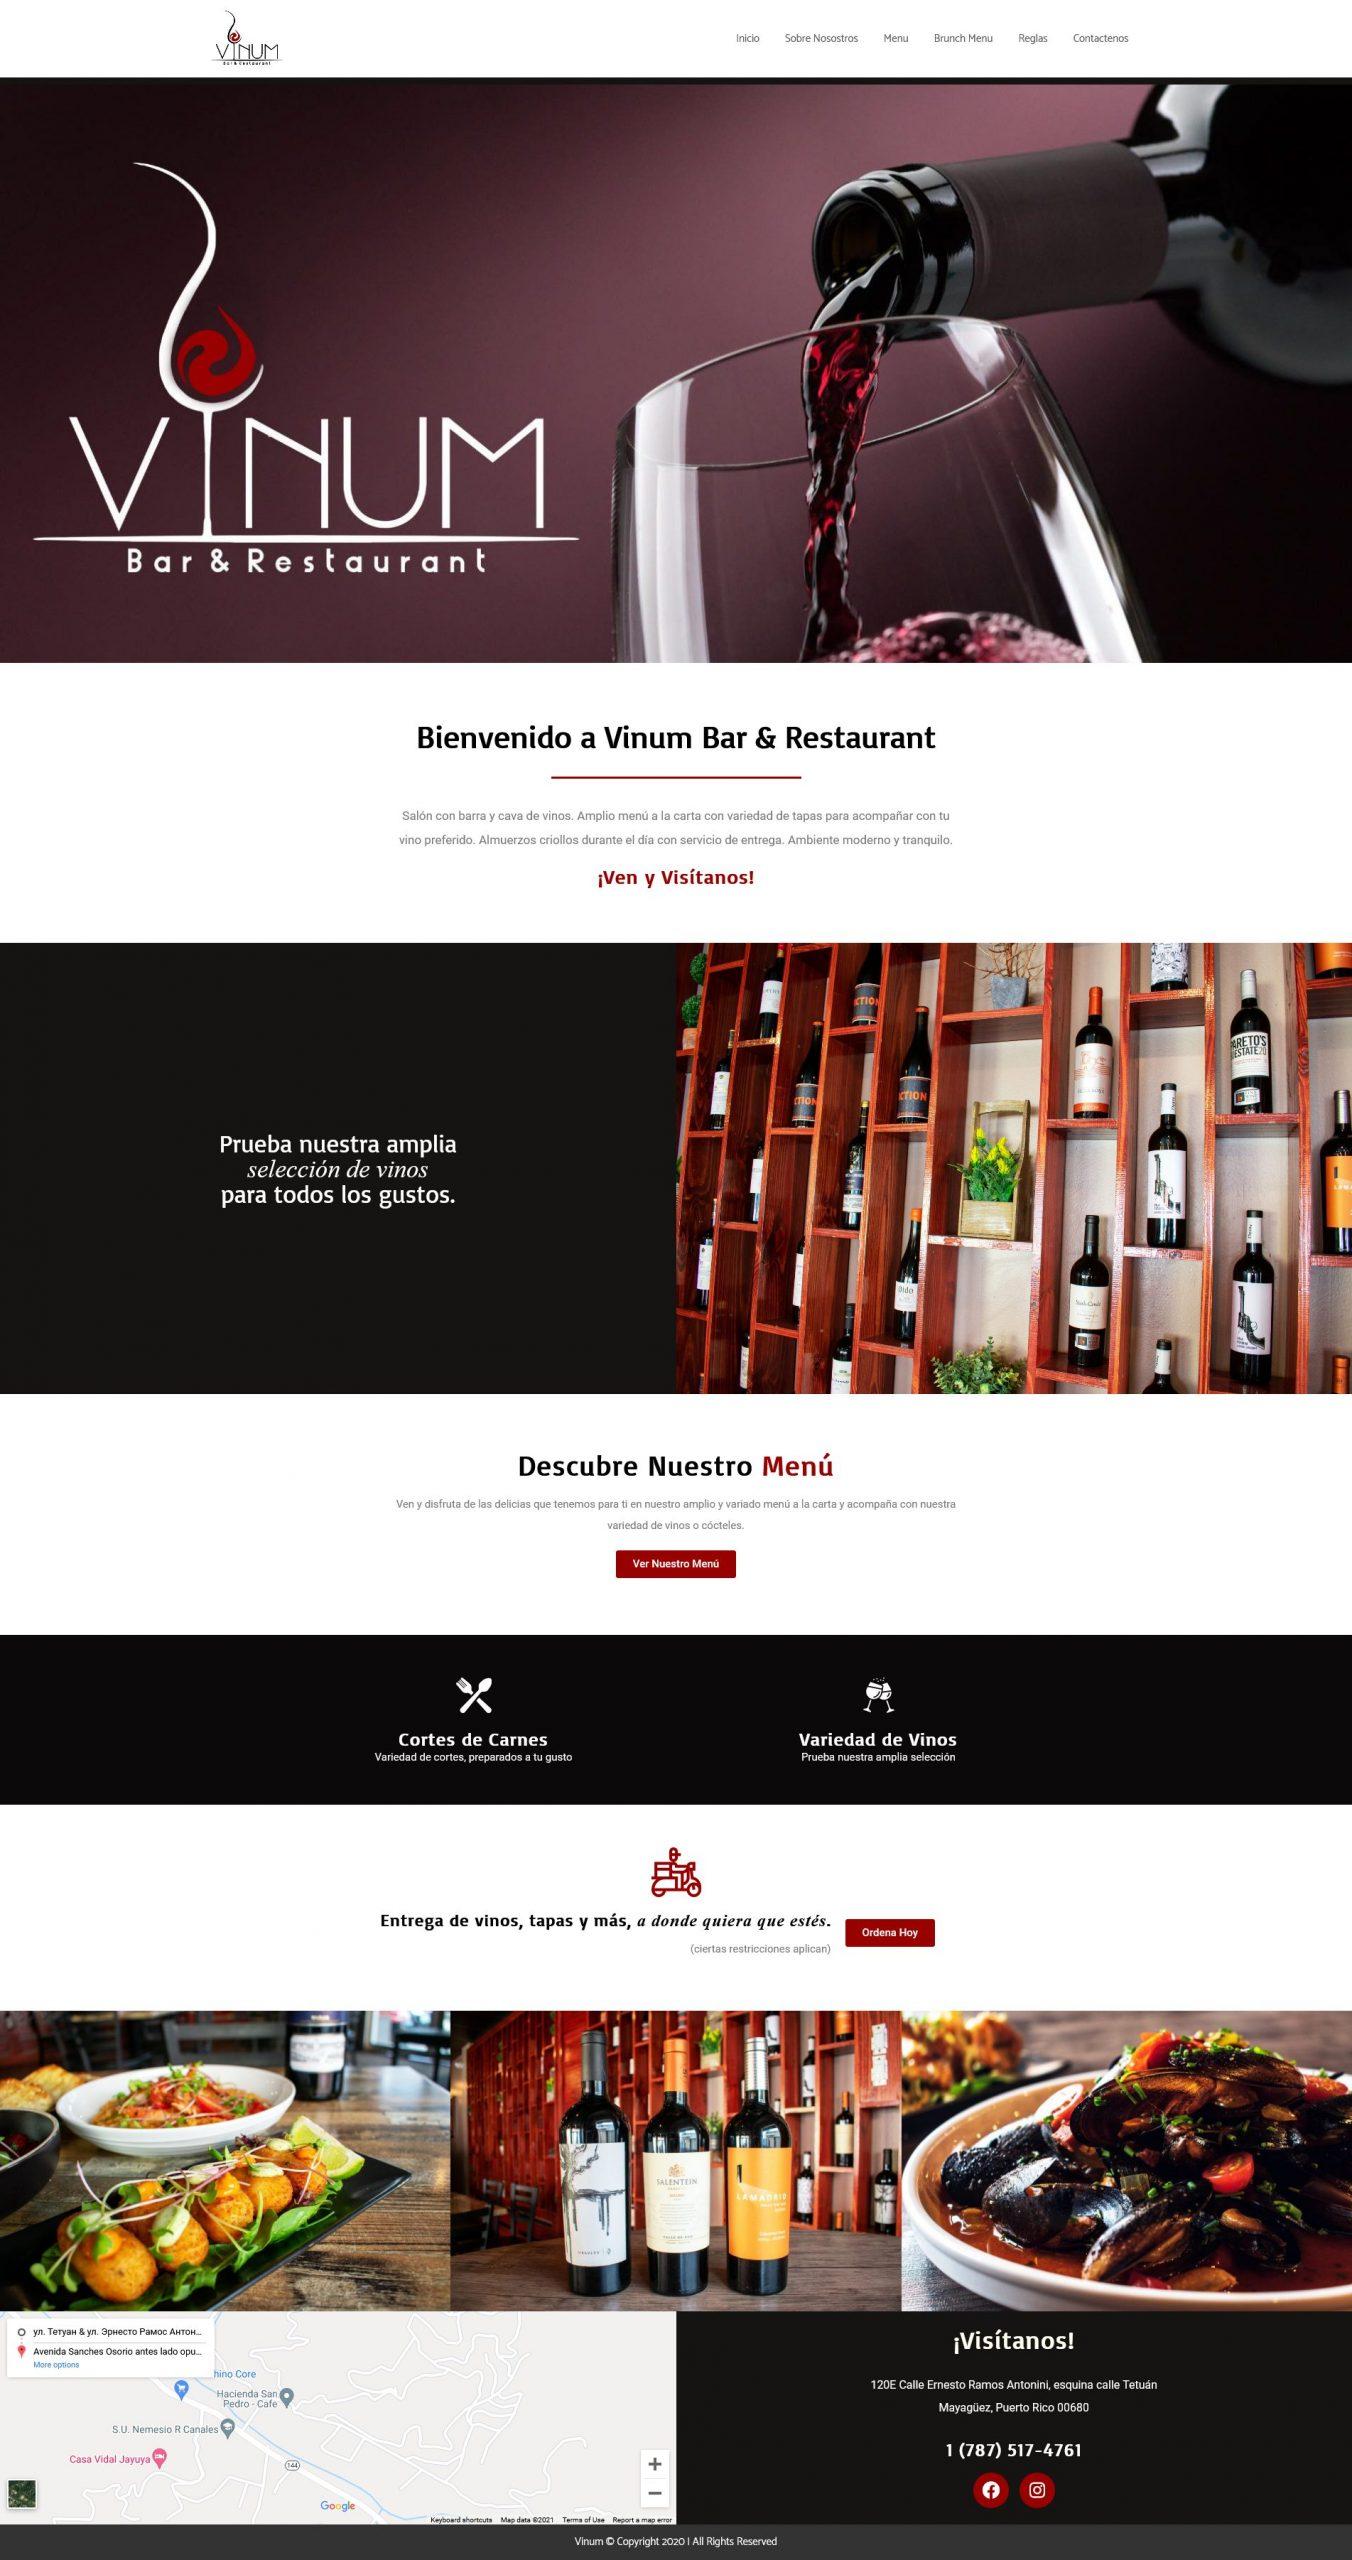 vinumbarpr.com